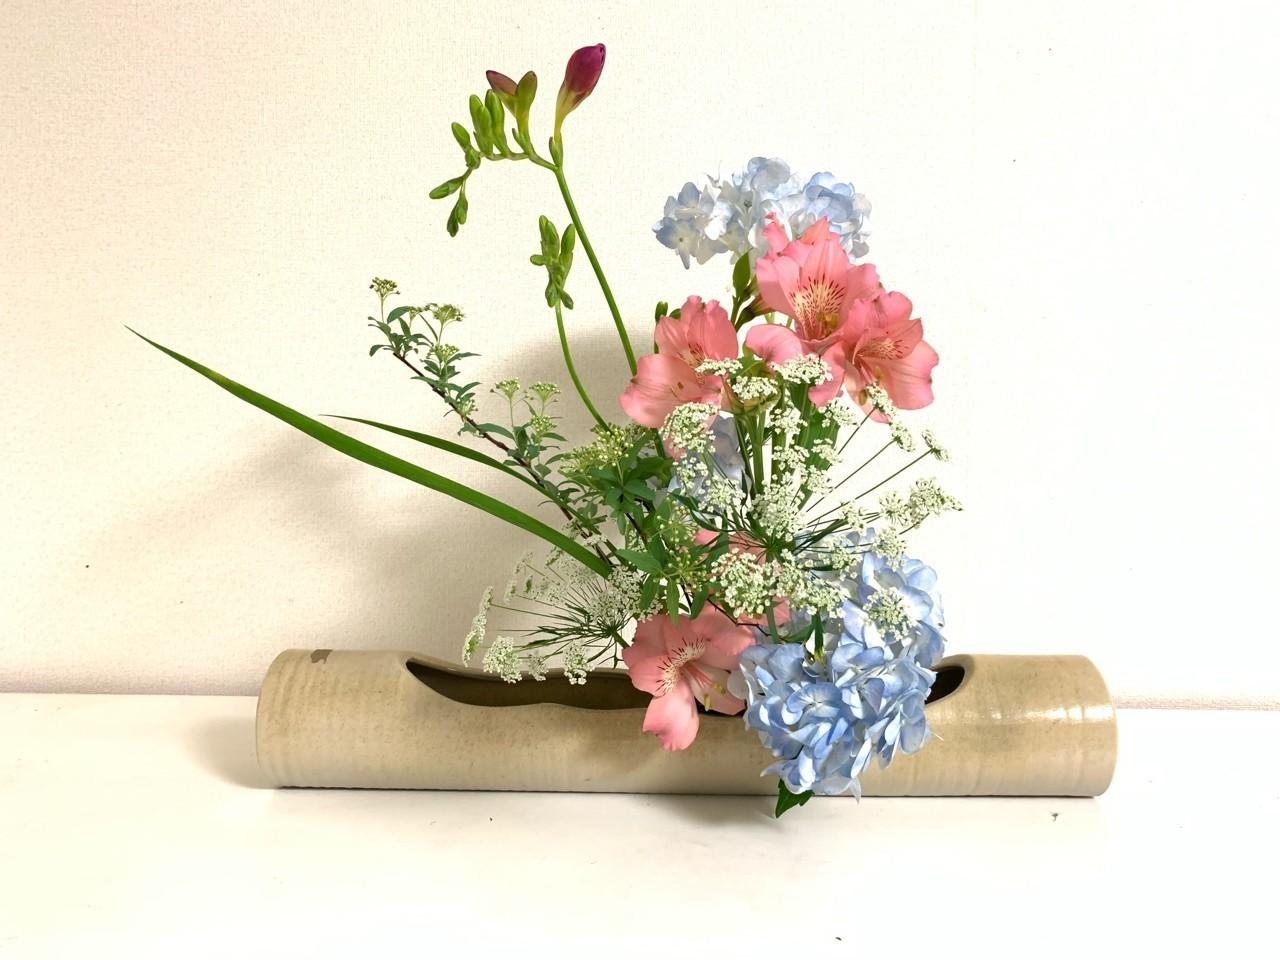 まぜざし  5種類以上の花を使って生ける「まぜざし」  どの花が主役、どれが脇役、というのではなくて、たくさんの花が混ざって一つの花になる。  #華道 #いけばな #生け花 #草月 #草月流 #花 #植物 #アート #デザイン #いけばな男子#花のある暮らし